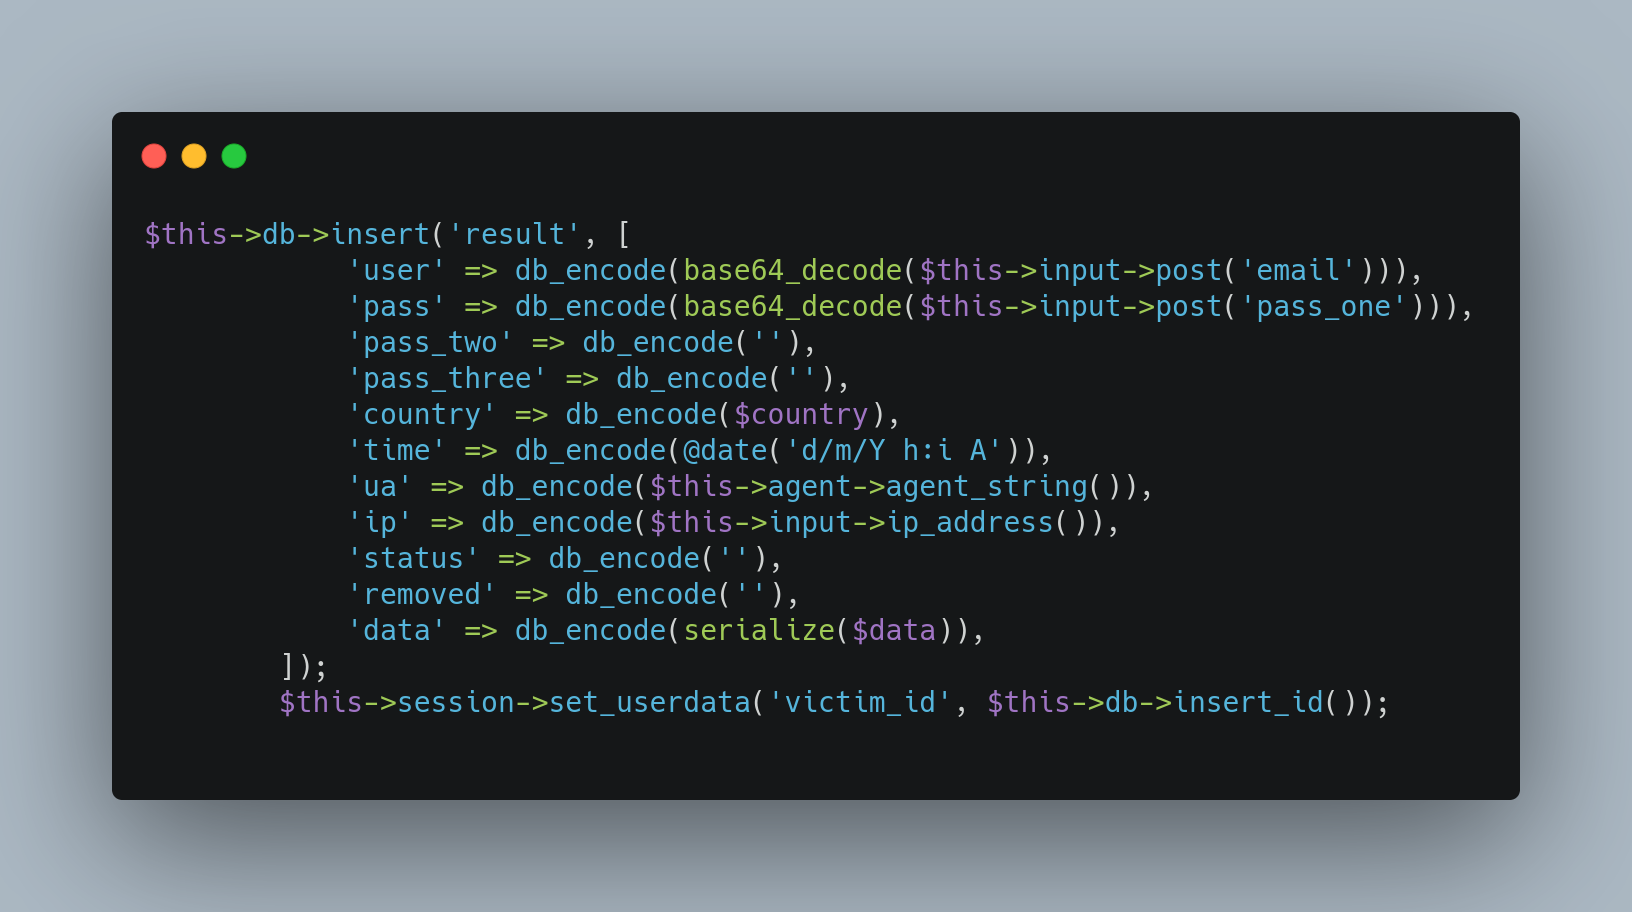 DatabaseSaveSnippet